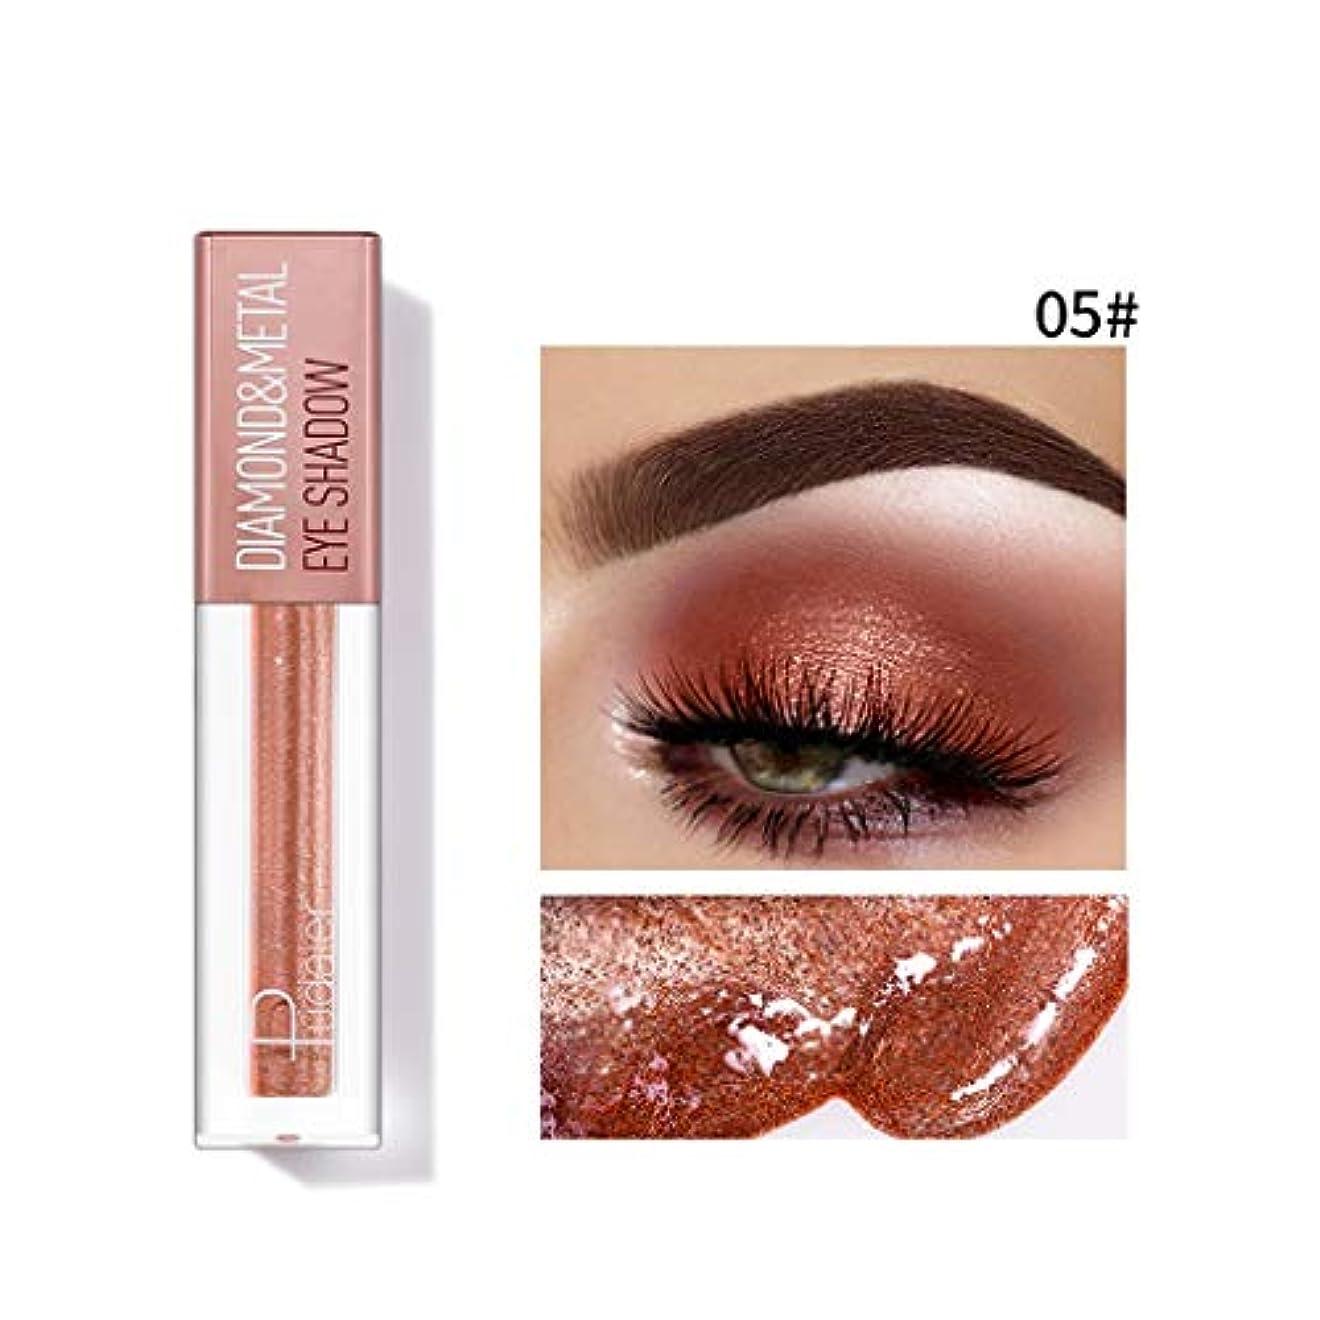 すでに近代化第二にメタリックリキッドアイシャドウグローグリッターアイライナージェル水平カイコブライトニングLonglasting瞳の化粧品。 (05#)